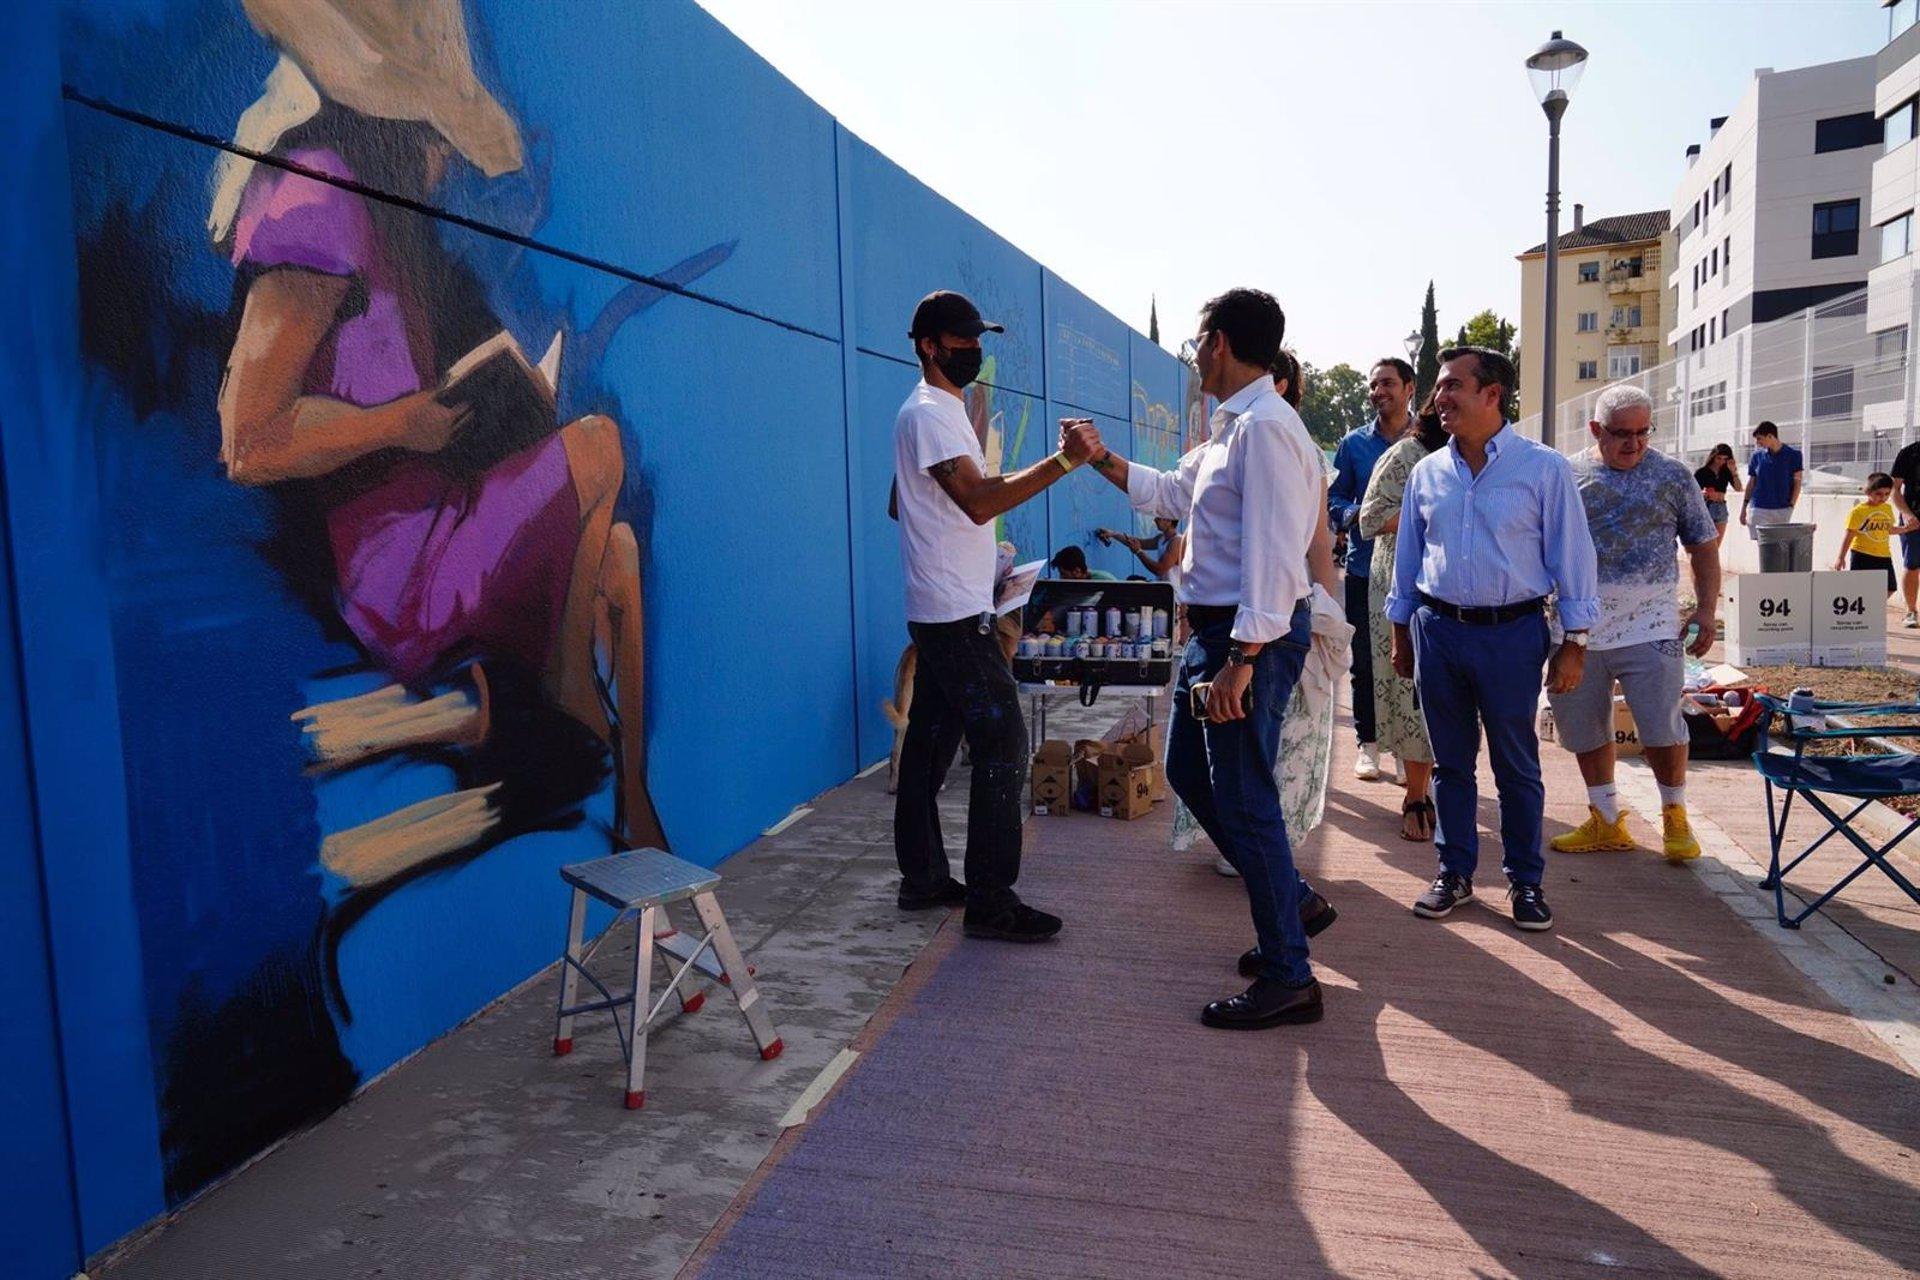 La Chana se convierte en una galería de arte urbano al aire libre con el Niño de las Pinturas y 33 artistas más